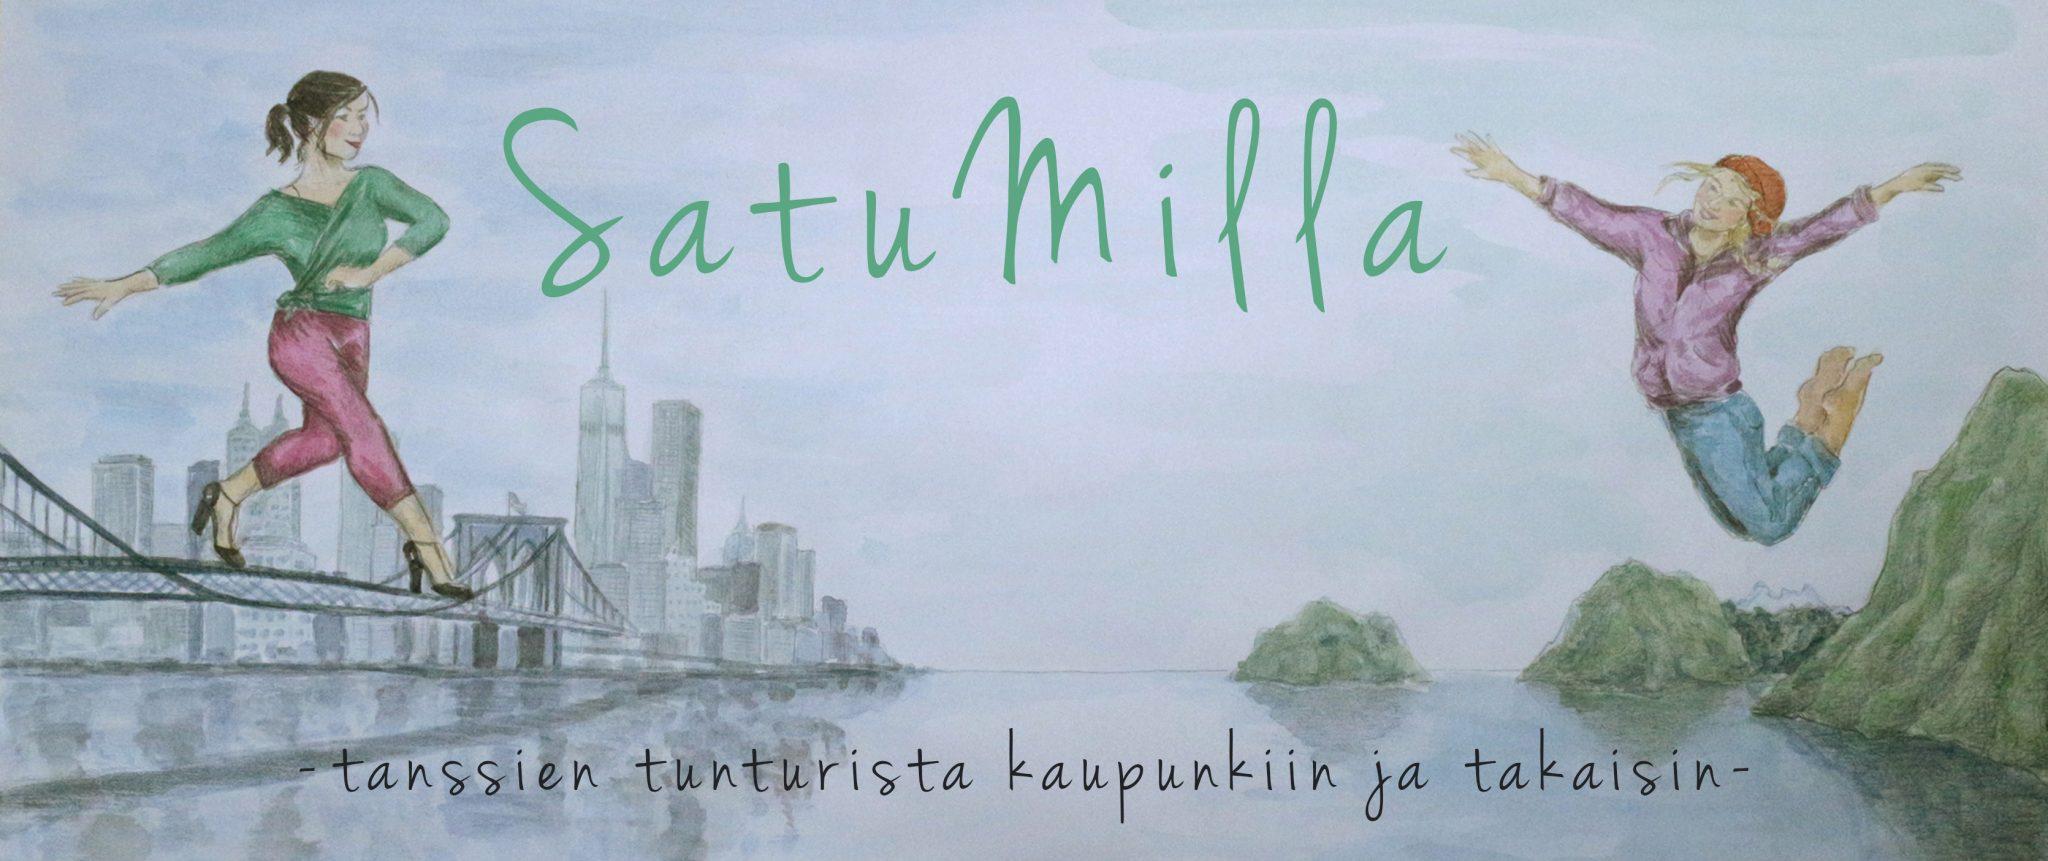 Satumilla – matkablogi